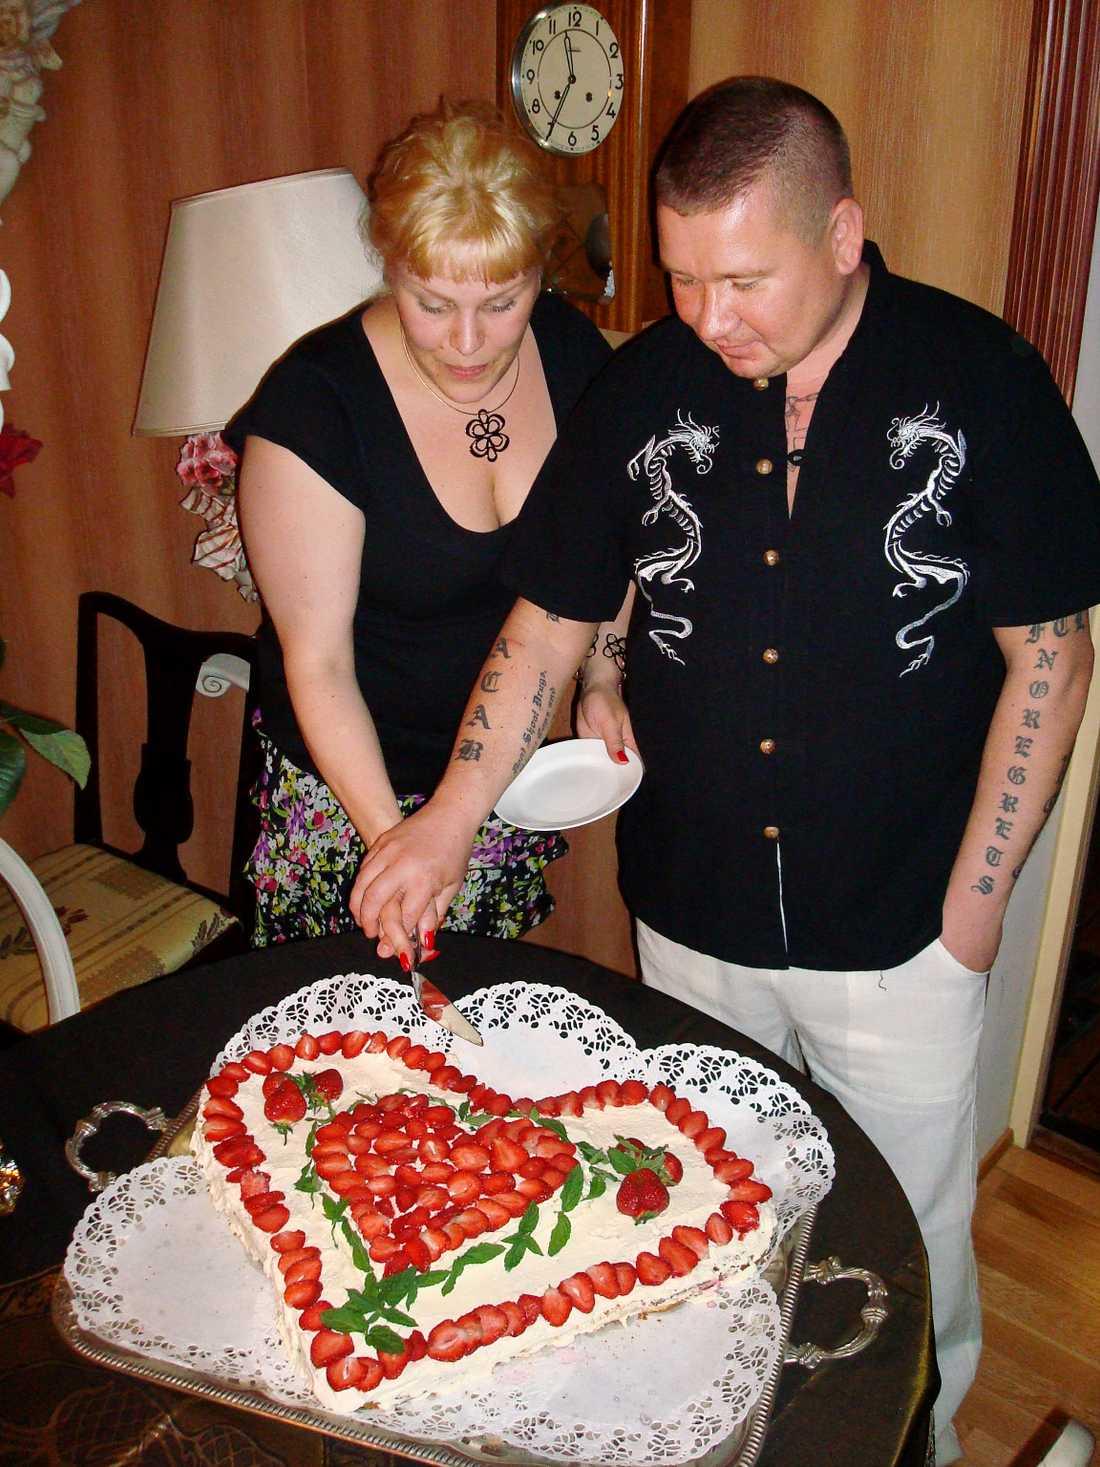 Förlovade sig När Johanna och Juha hade förlovat sig firade hela släkten med stor fest.